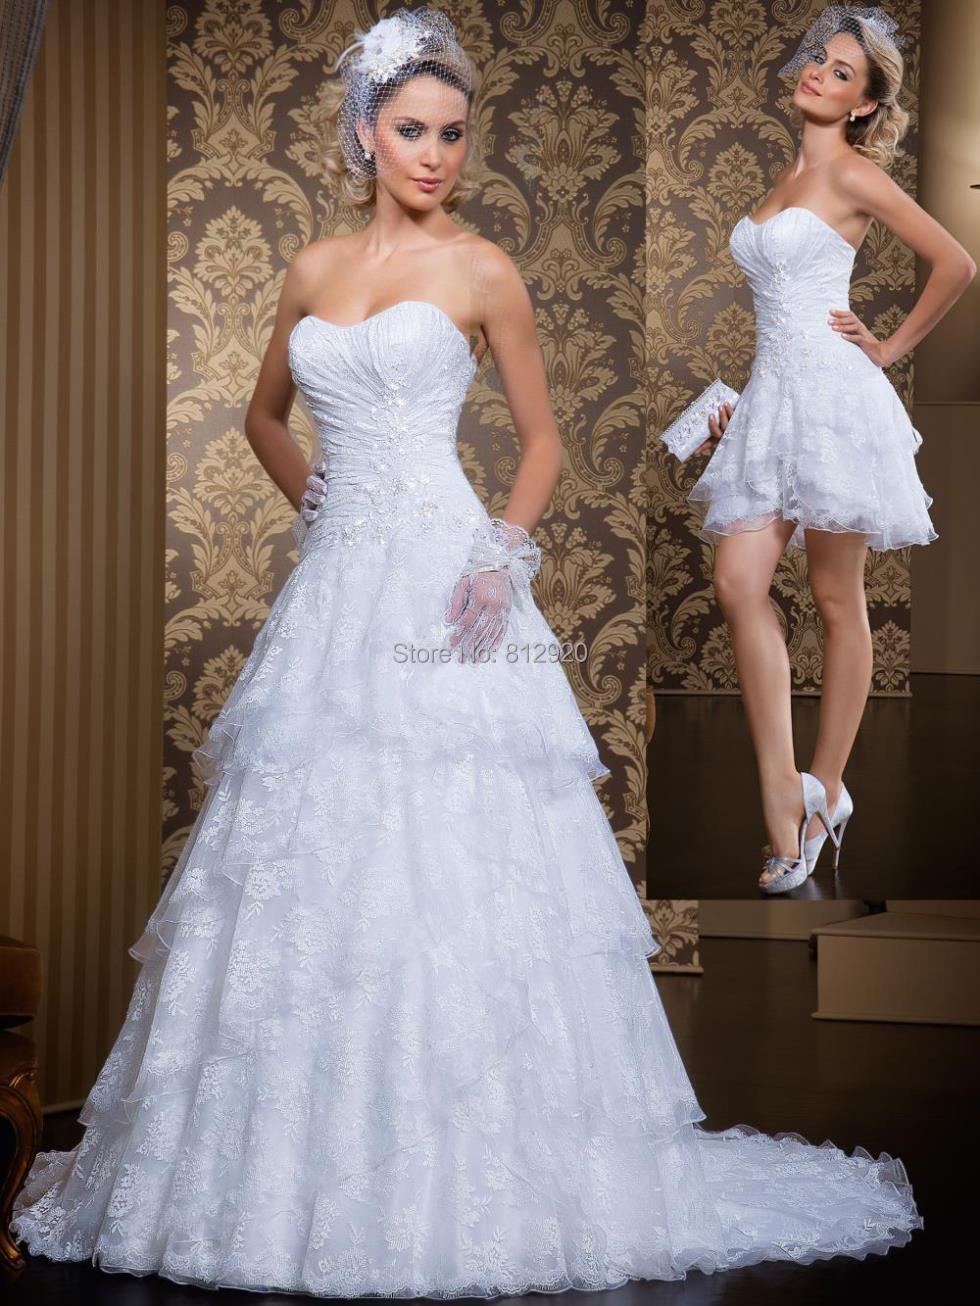 A-line Rendas Vestido De Noiva Tomara Que Caia 2 Em 1 Lace Dress Bride Wedding Dress With Removable Skirt